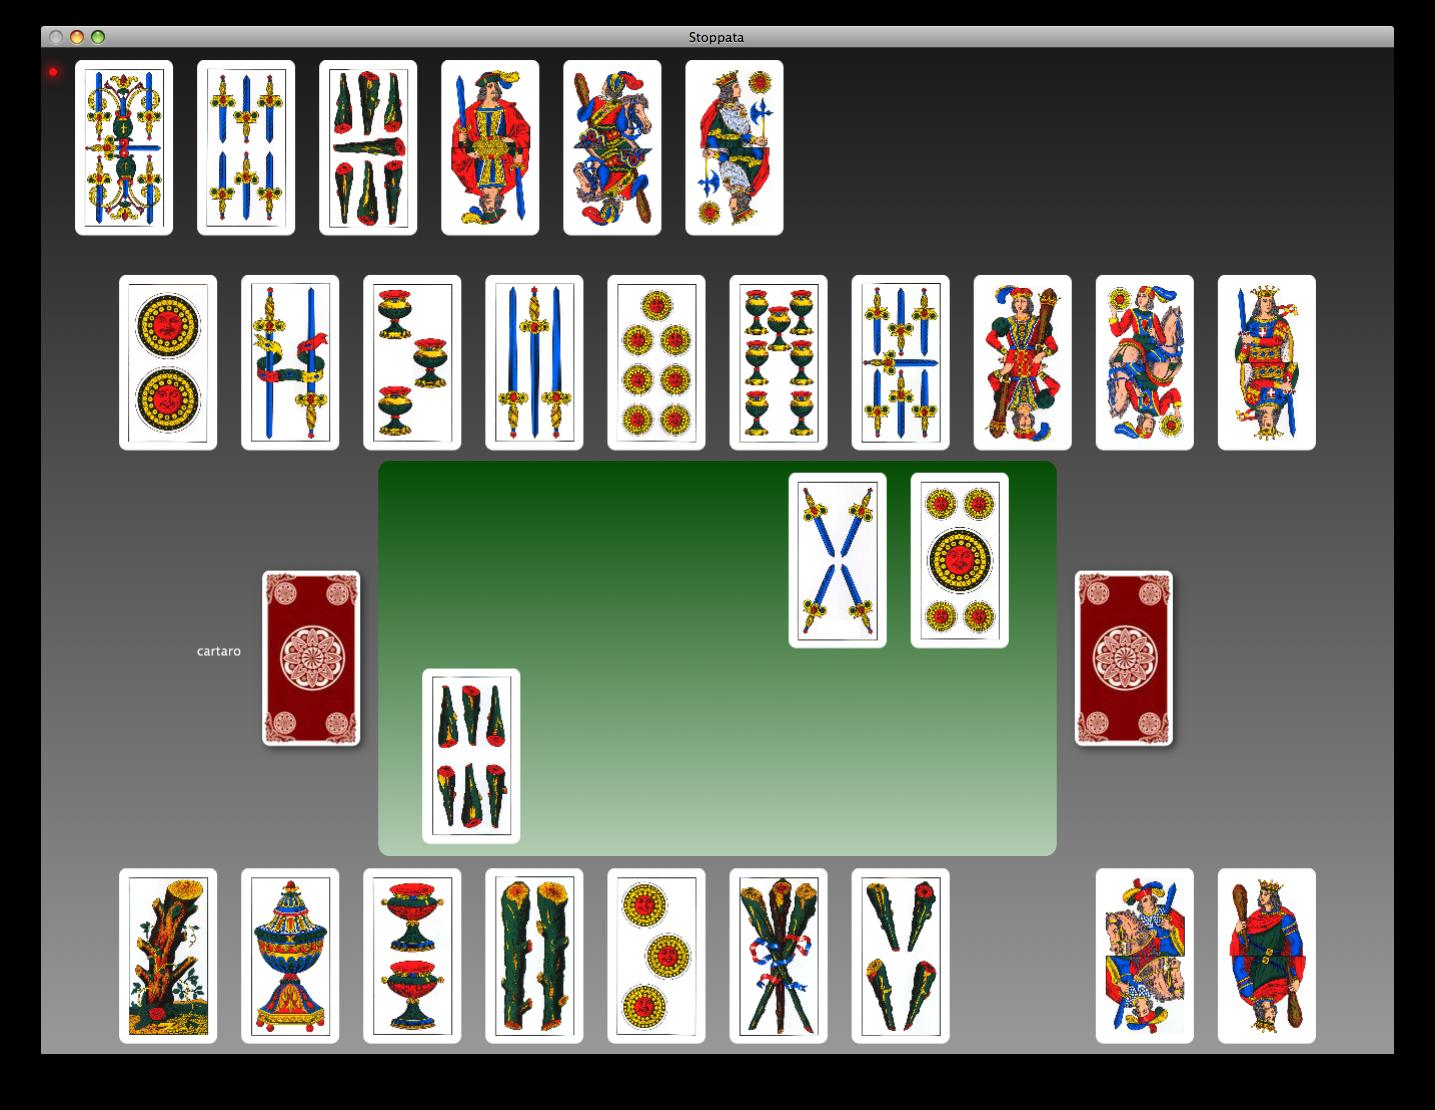 giochi di carte napoletane